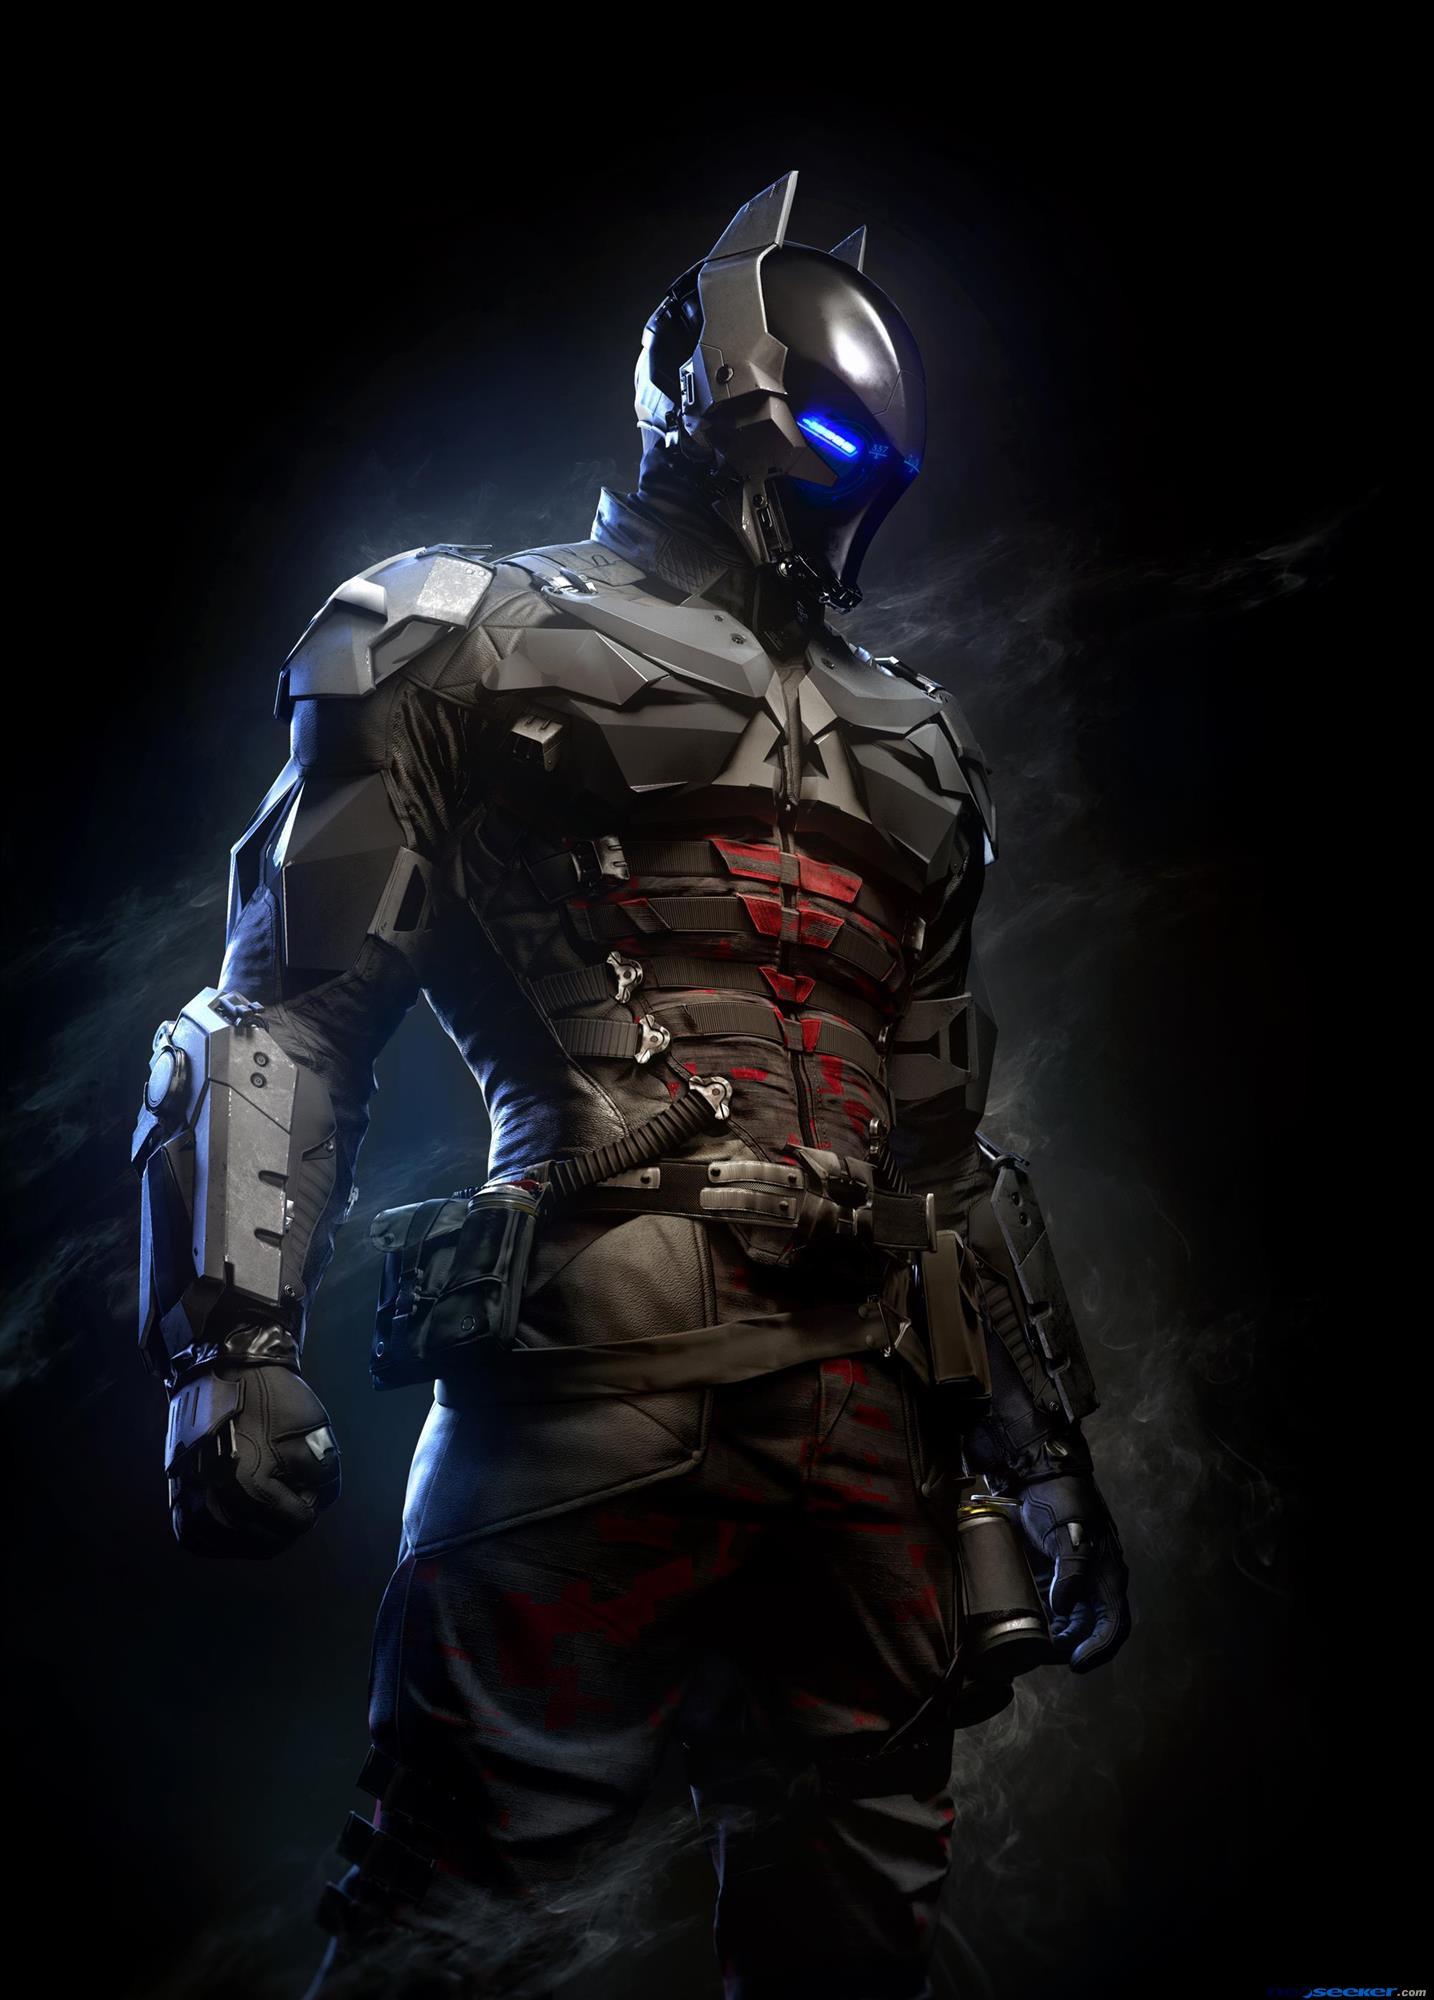 Diện mạo cực ngầu của Arkham Knight